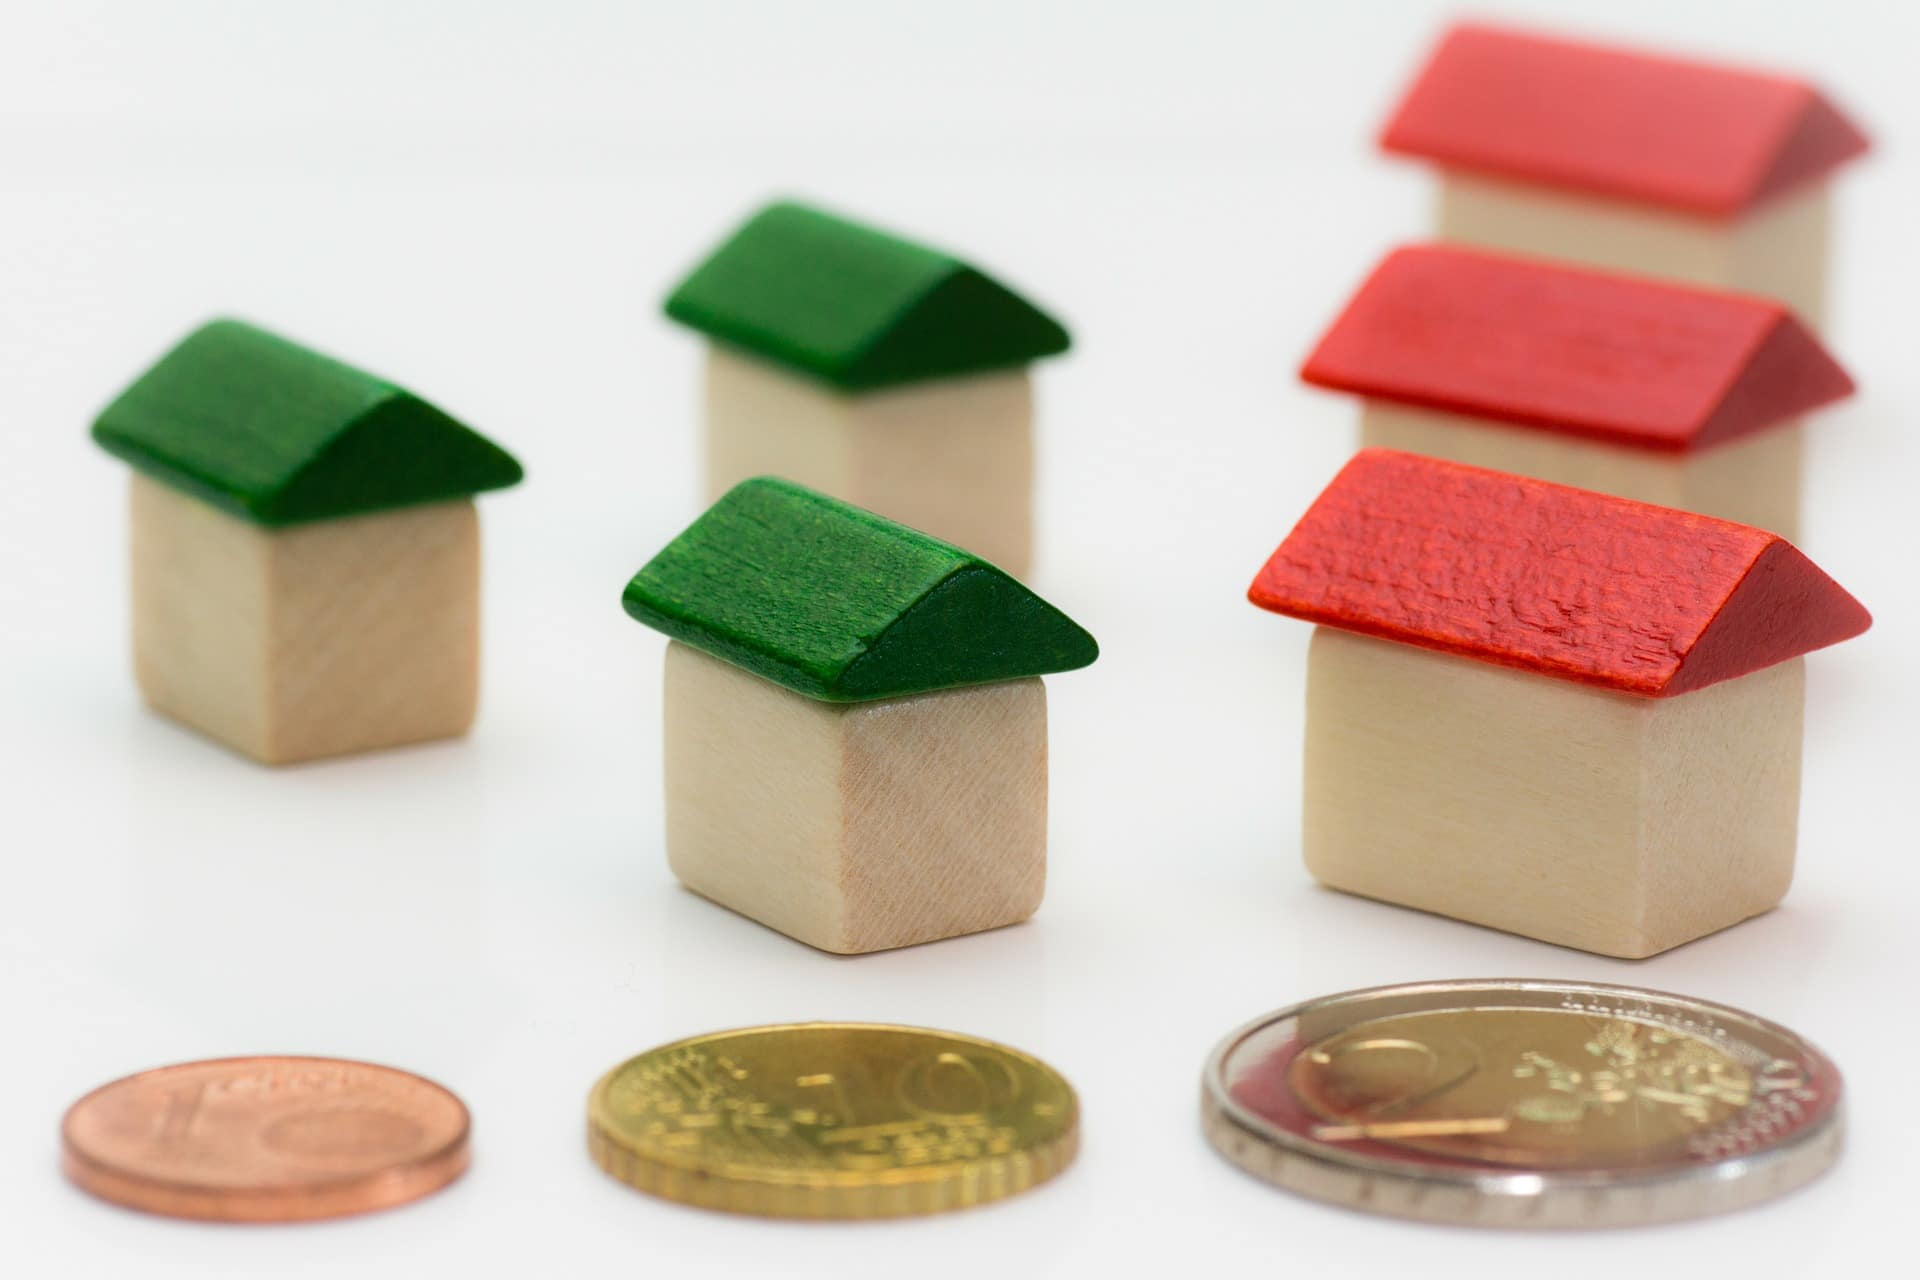 Pożyczka hipoteczna Fot. pixabay.com